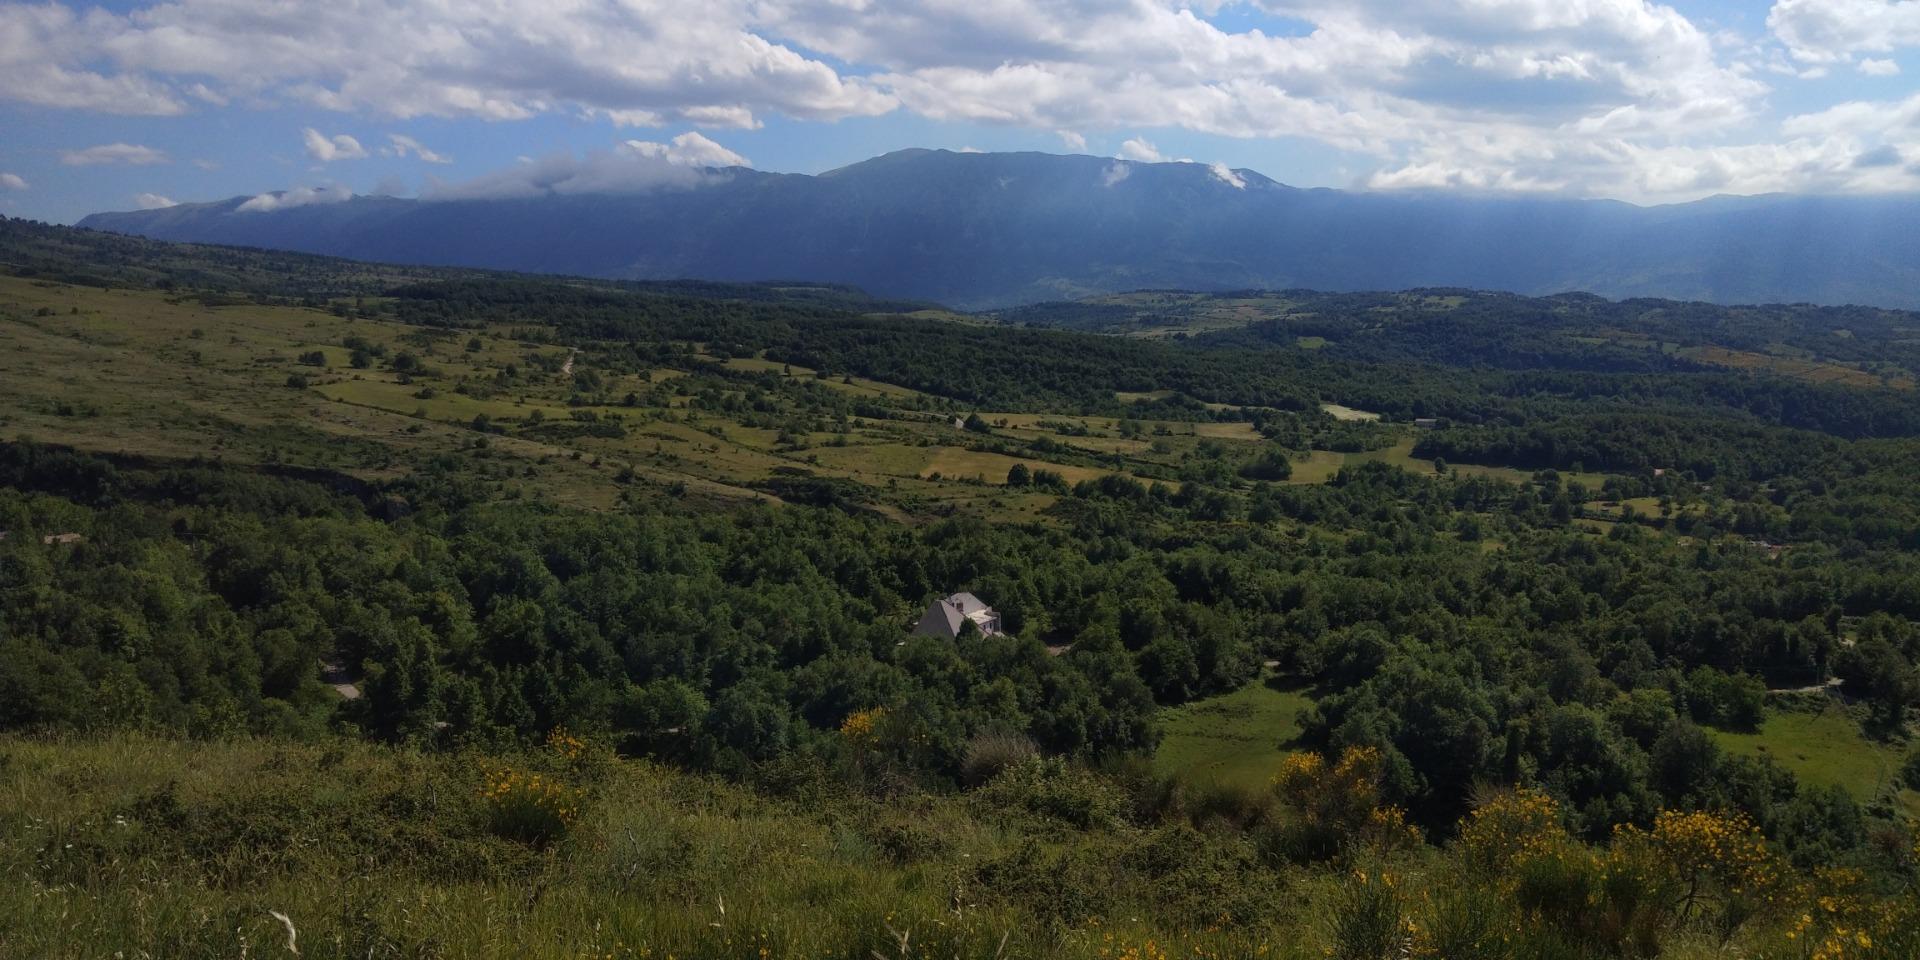 Ecolodge vista dall'alto e circondata dal bosco rigoglioso, con il massiccio montuoso Majella all'orizzonte